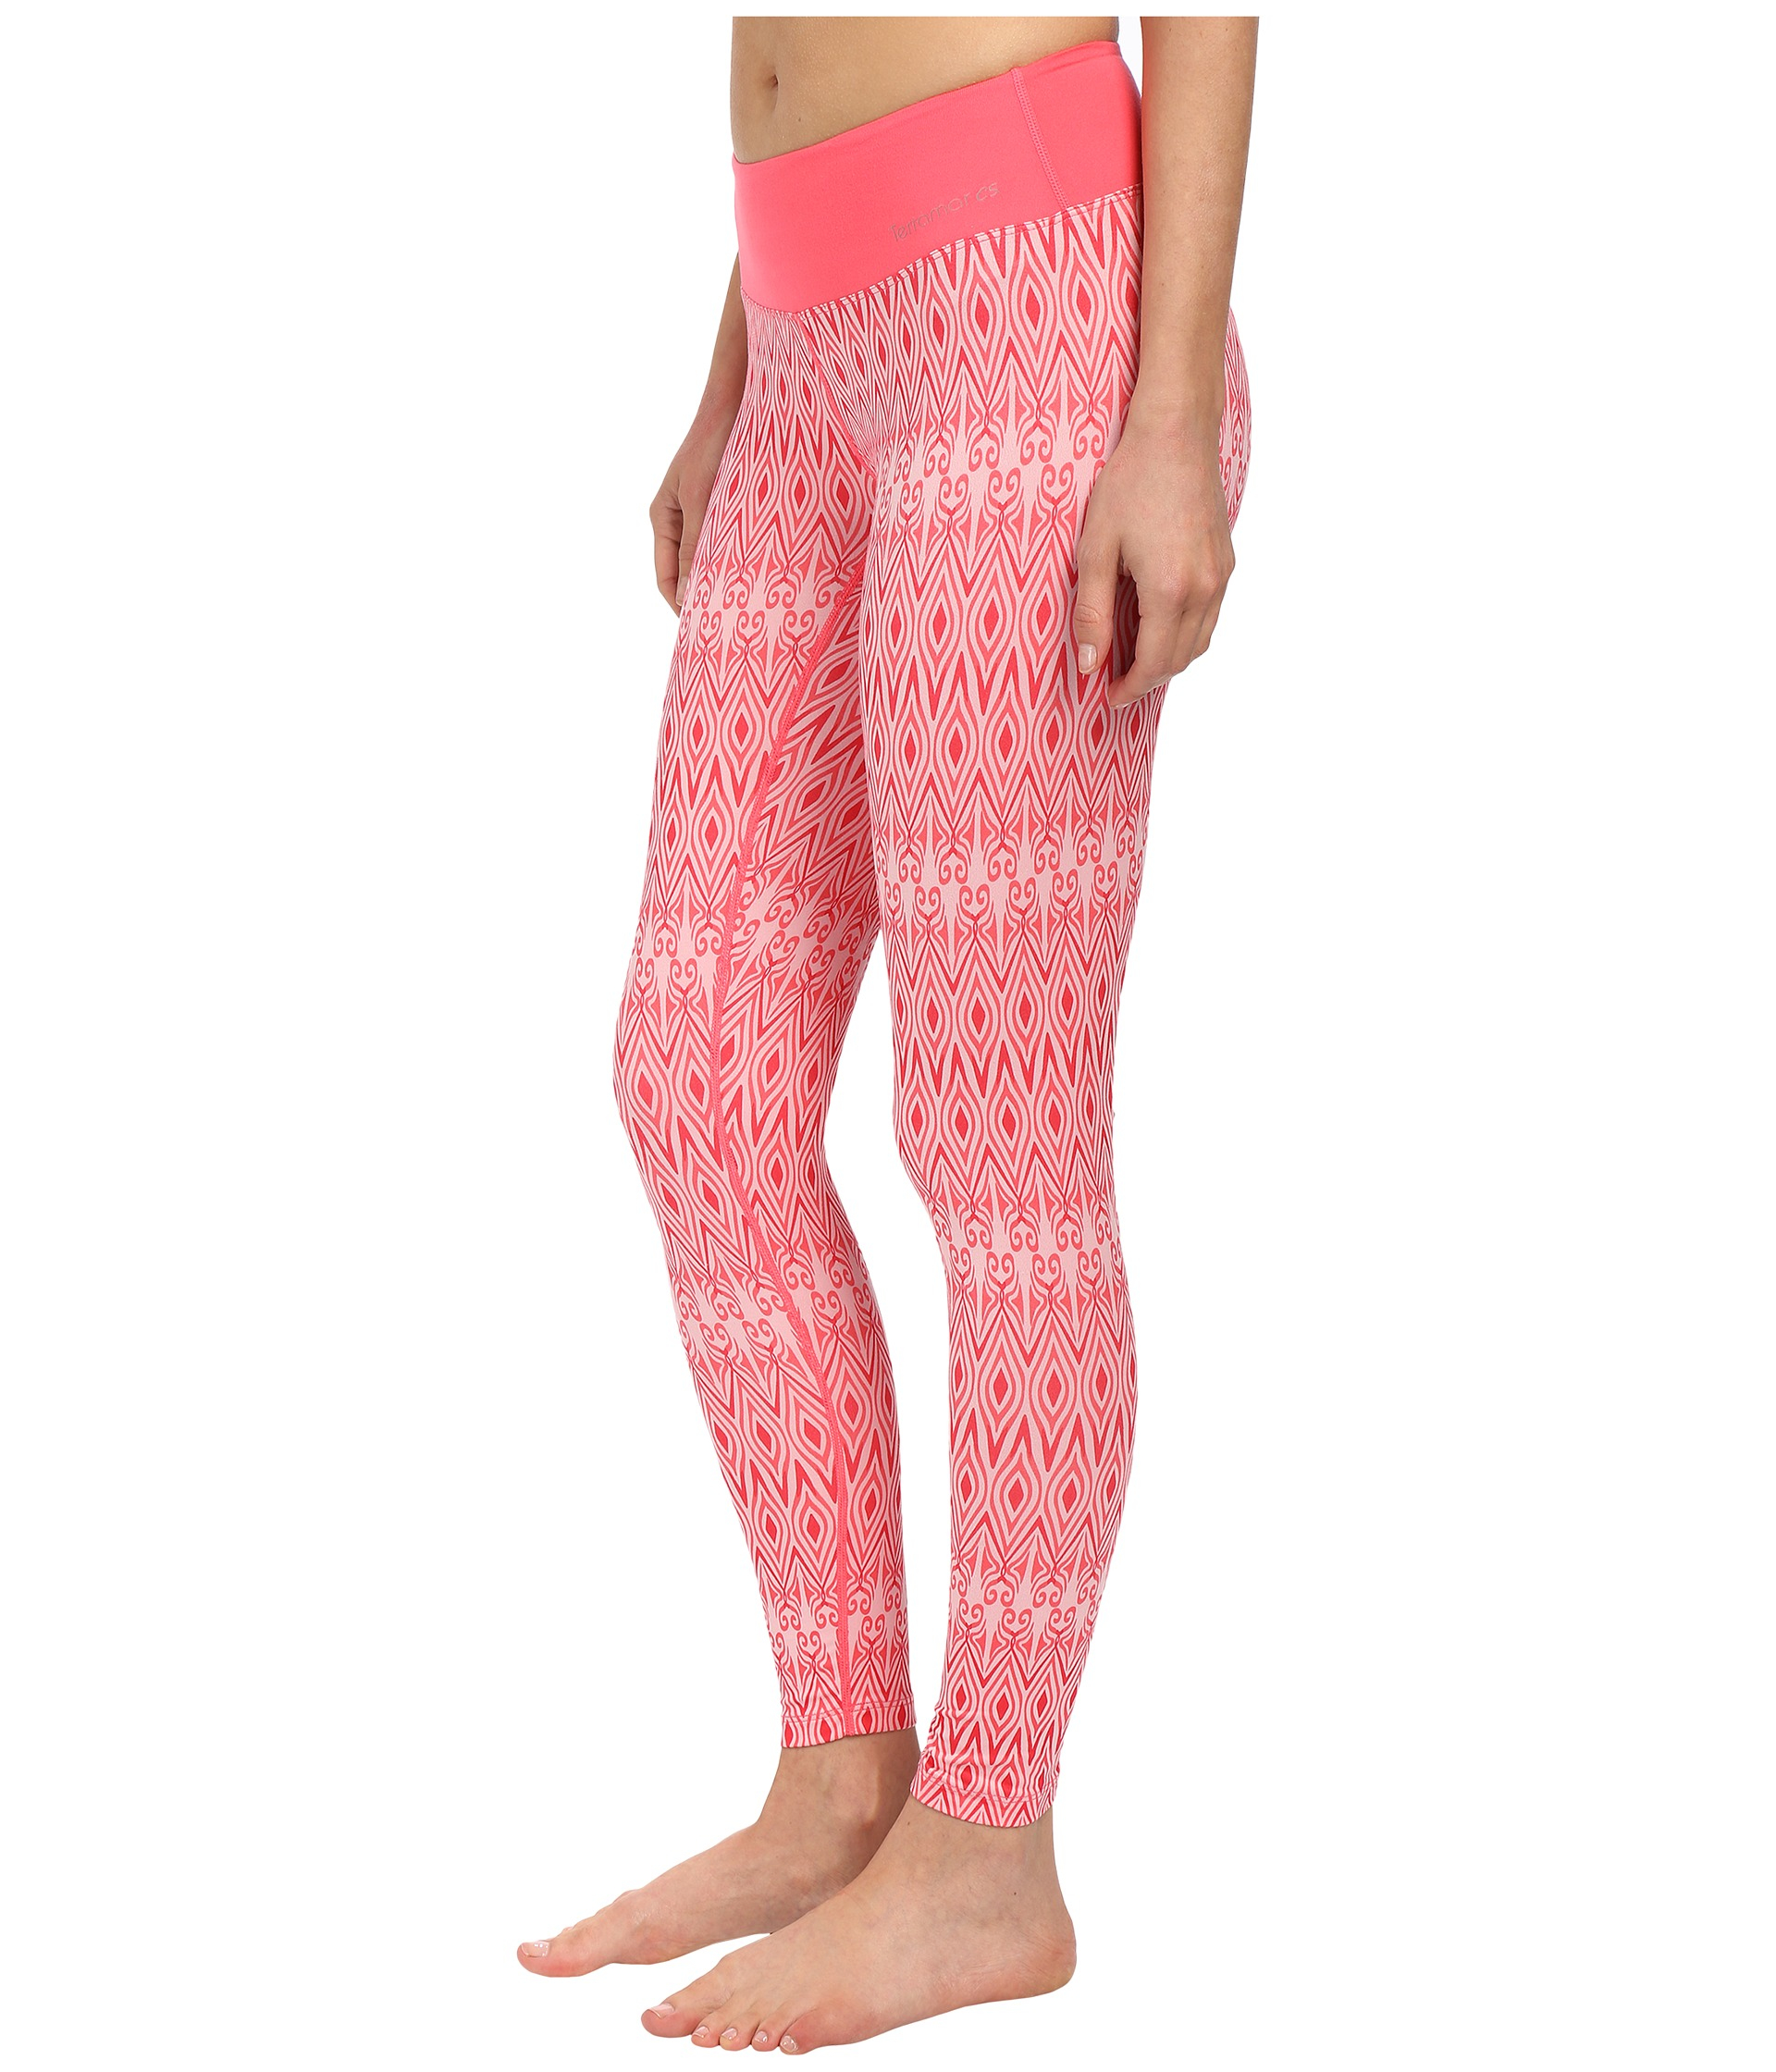 4bfaee951a8c6a Terramar Cloudnine Performance Scroll Tights W8326 in Pink - Lyst